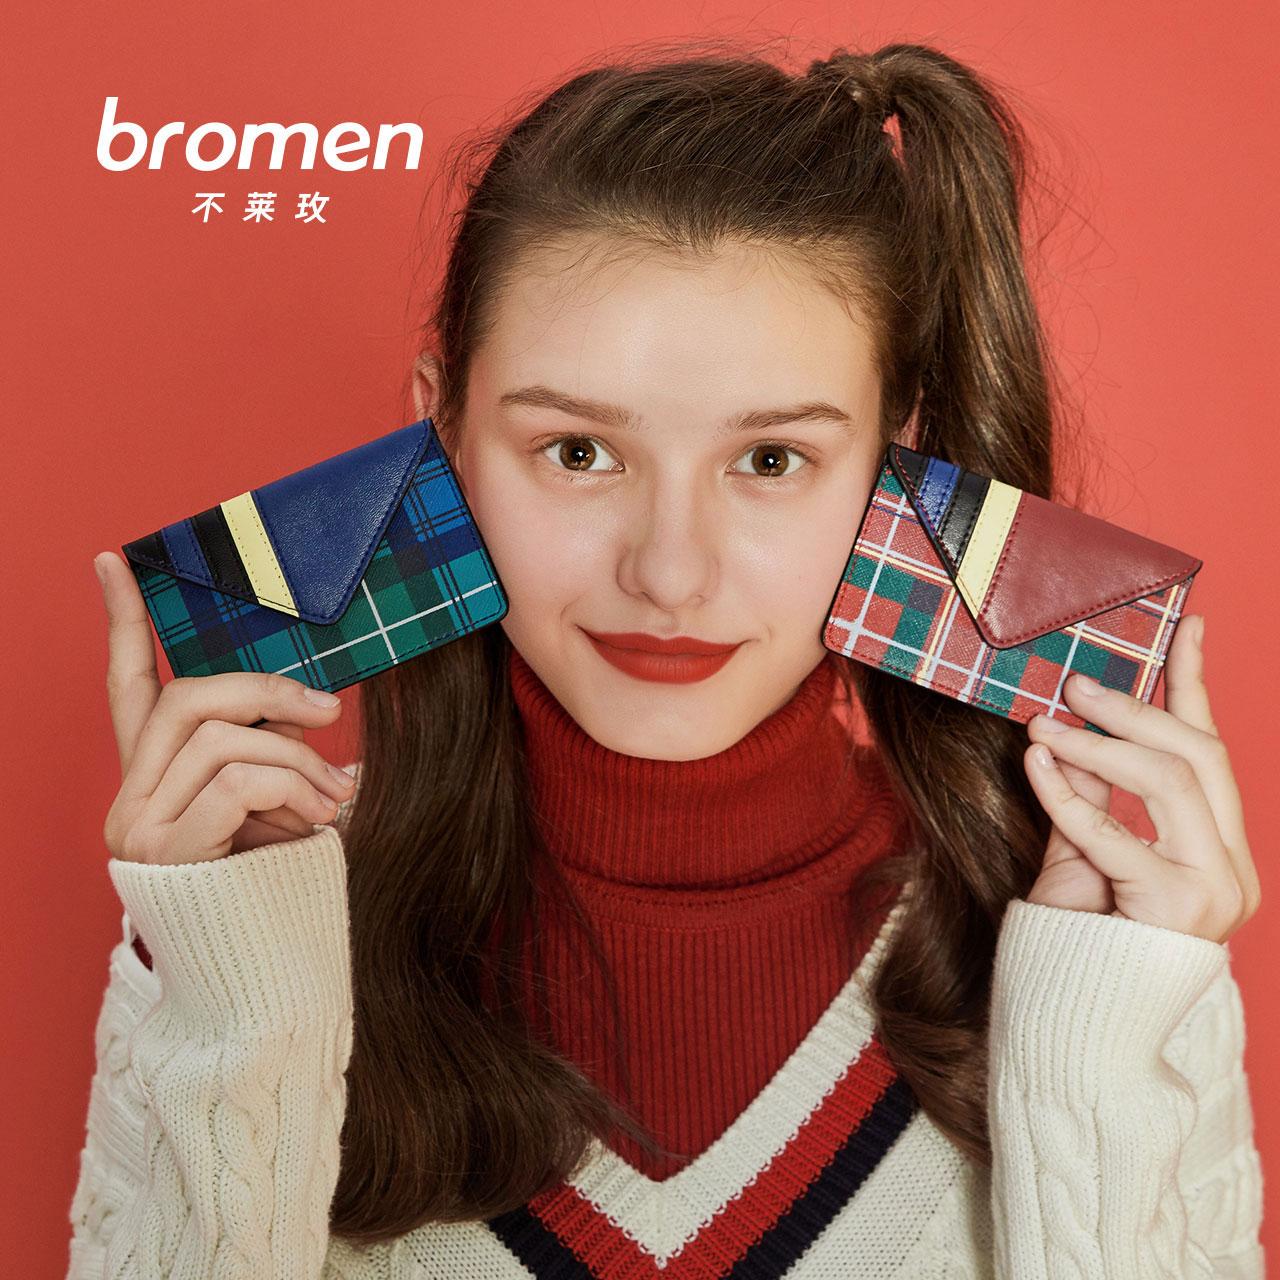 不莱玫卡包女式超薄韩版可爱多功能卡包钱包一体包女小巧零钱卡套